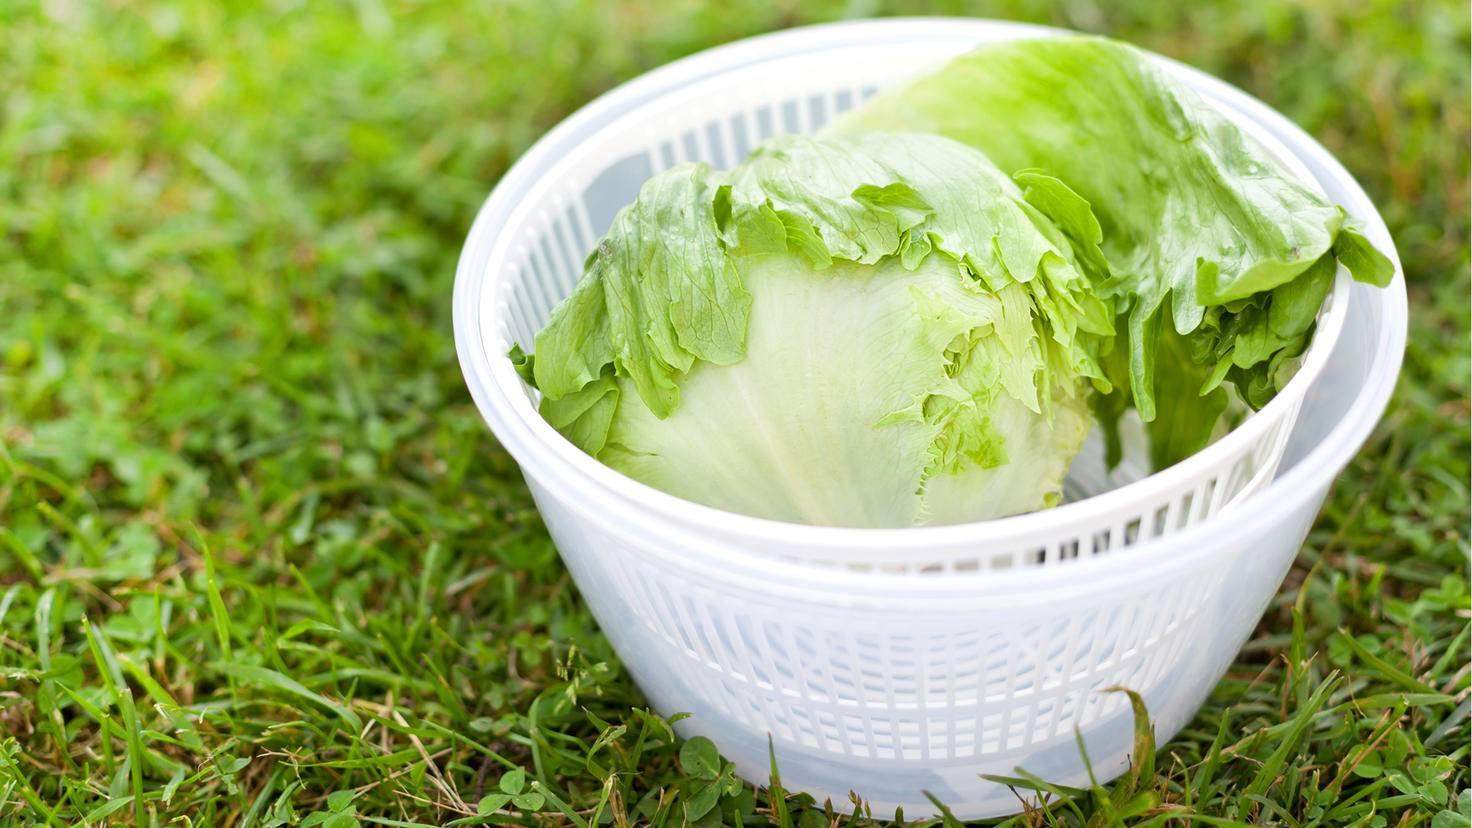 Feine Wäsche kann in der Salatschleuder getrocknet werden.